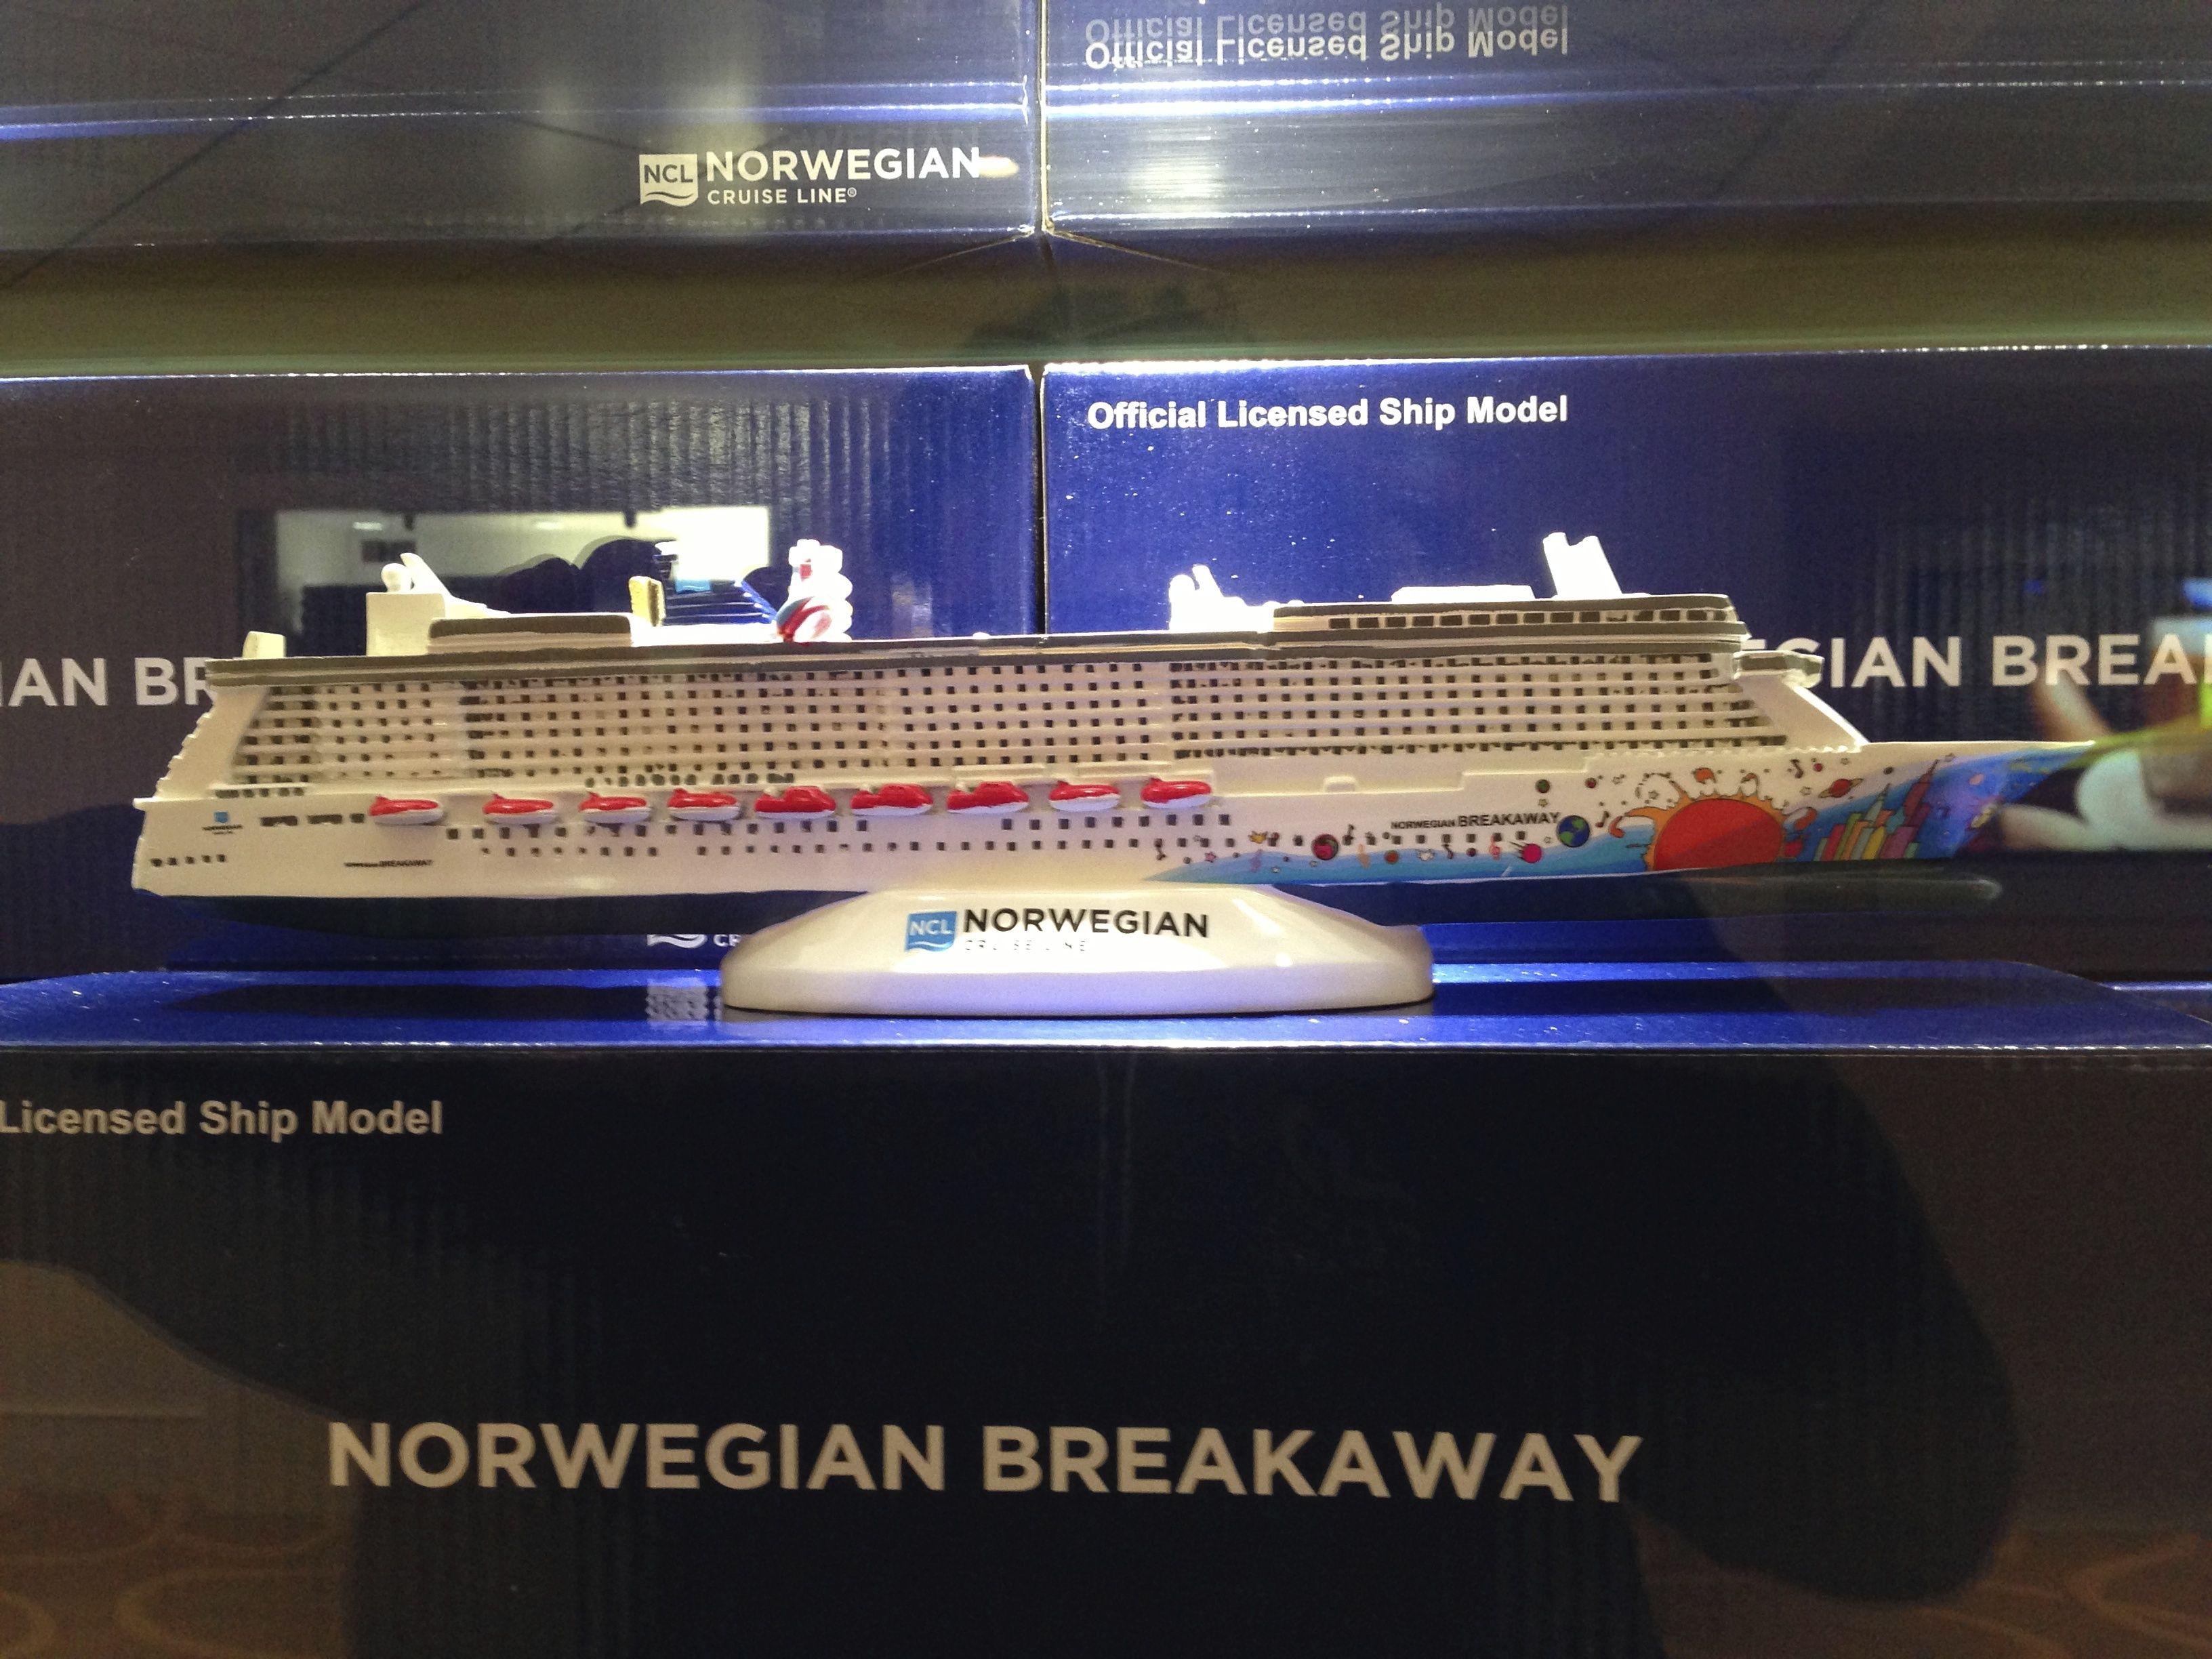 Best NCL Cruise Ship Ice Bar Lounge Images On Pinterest - Ice bar on cruise ship